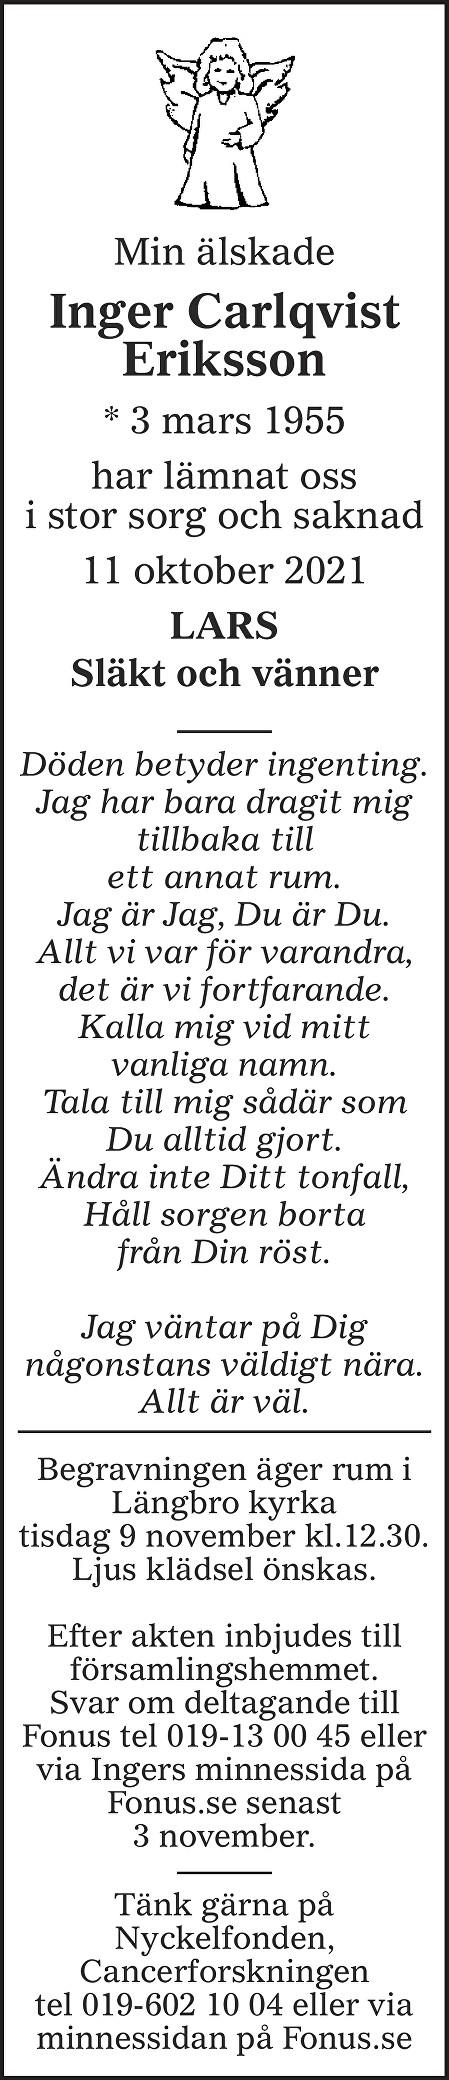 Inger Carlqvist Eriksson Death notice